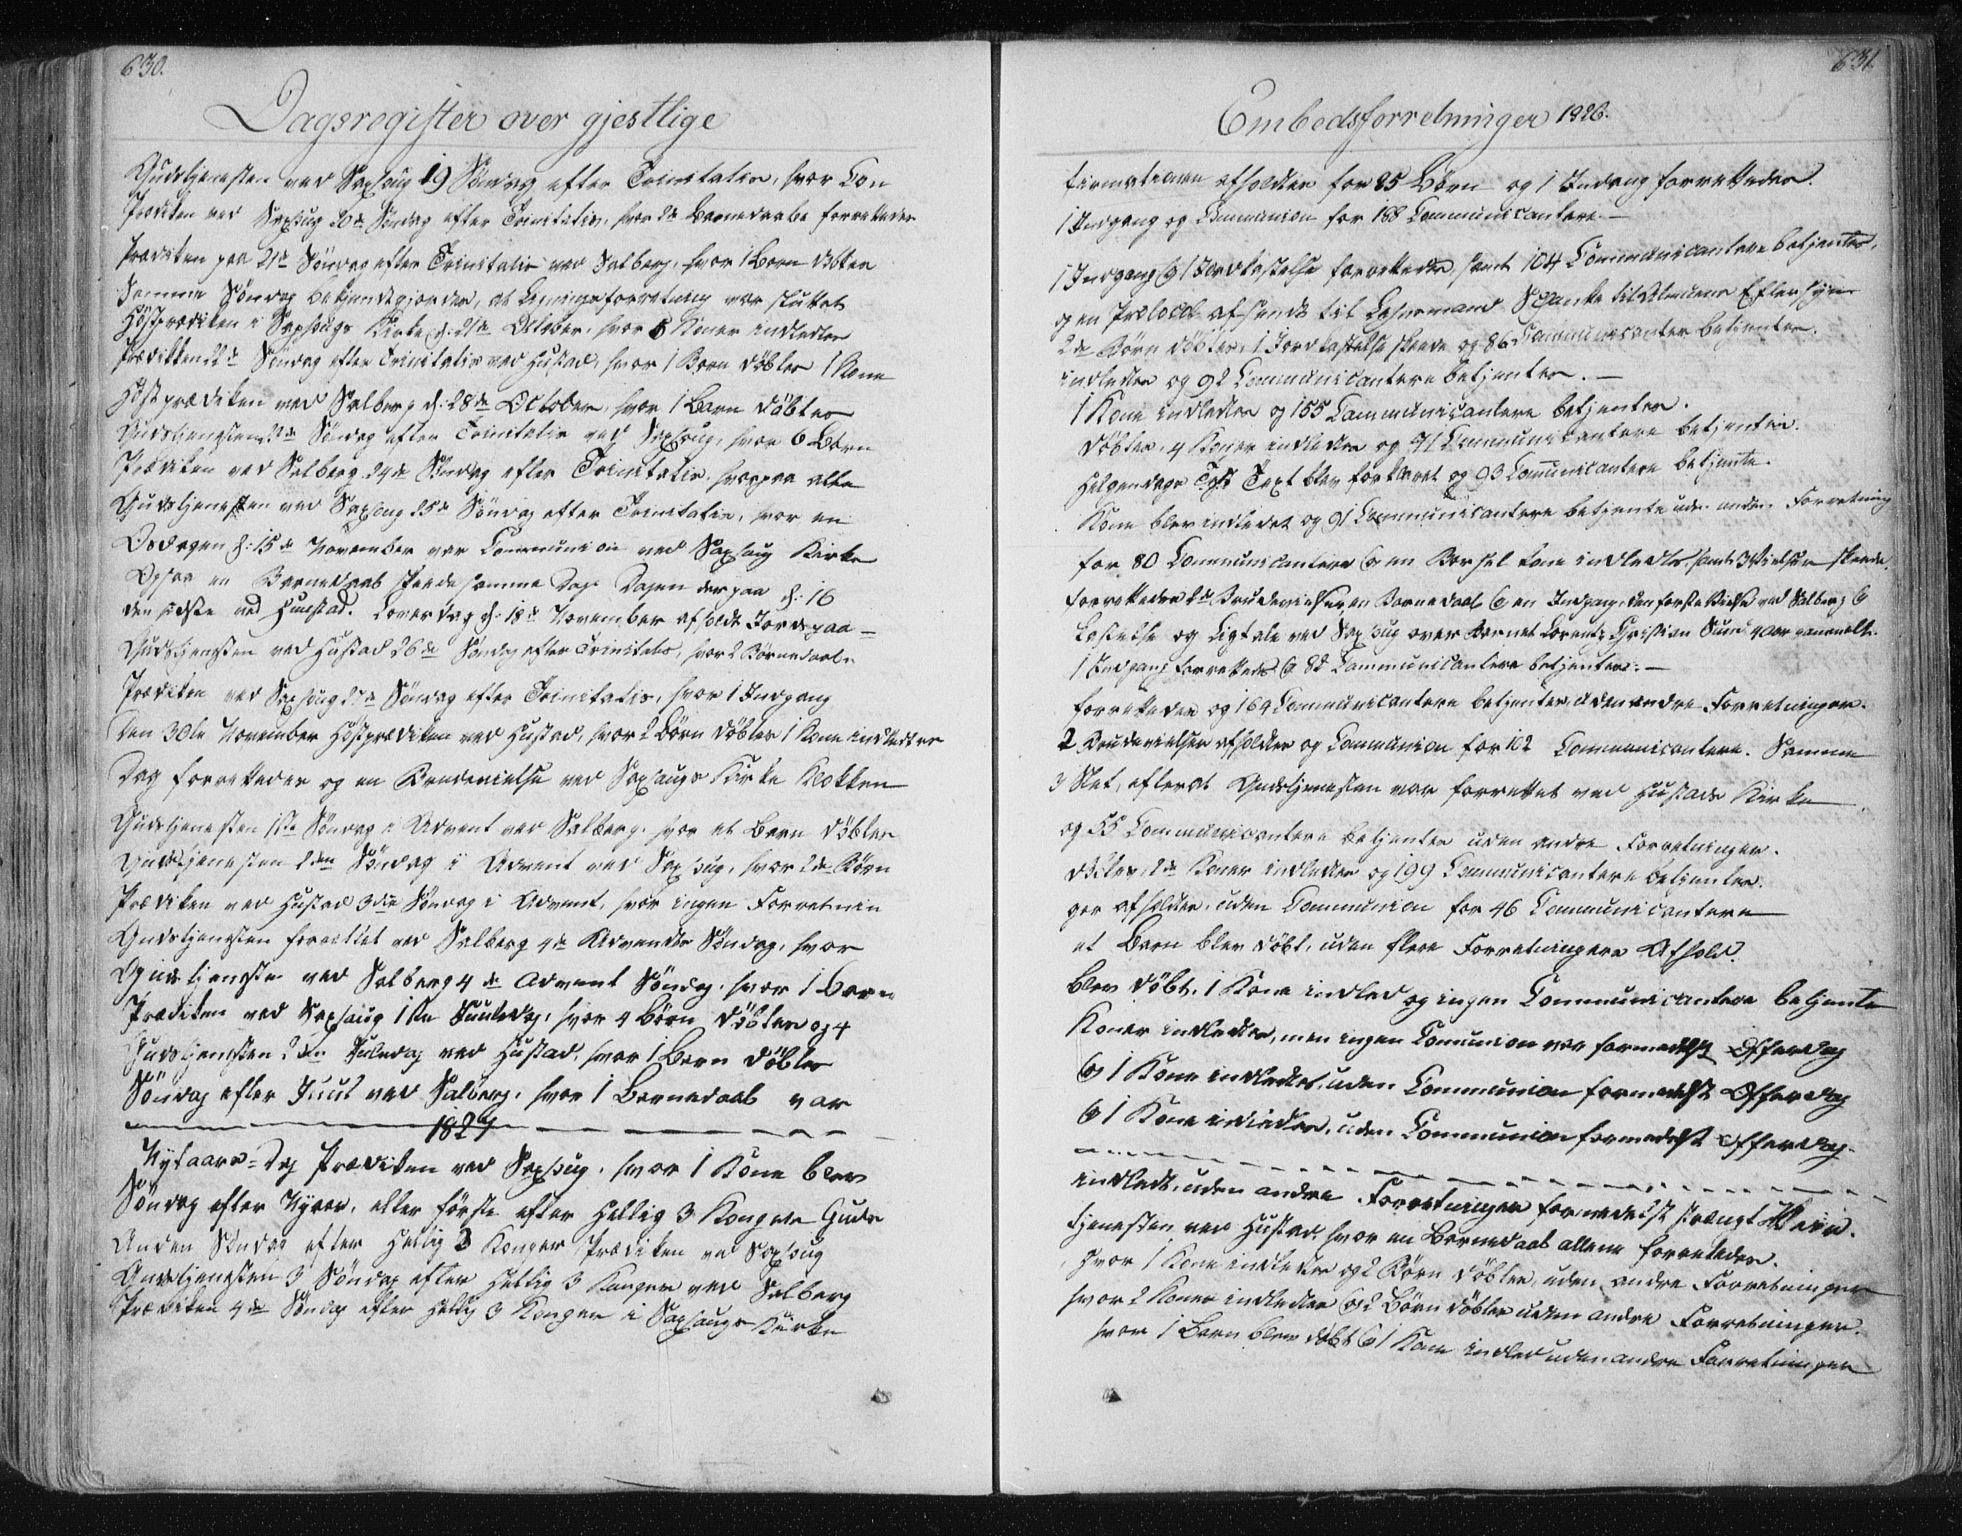 SAT, Ministerialprotokoller, klokkerbøker og fødselsregistre - Nord-Trøndelag, 730/L0276: Ministerialbok nr. 730A05, 1822-1830, s. 630-631